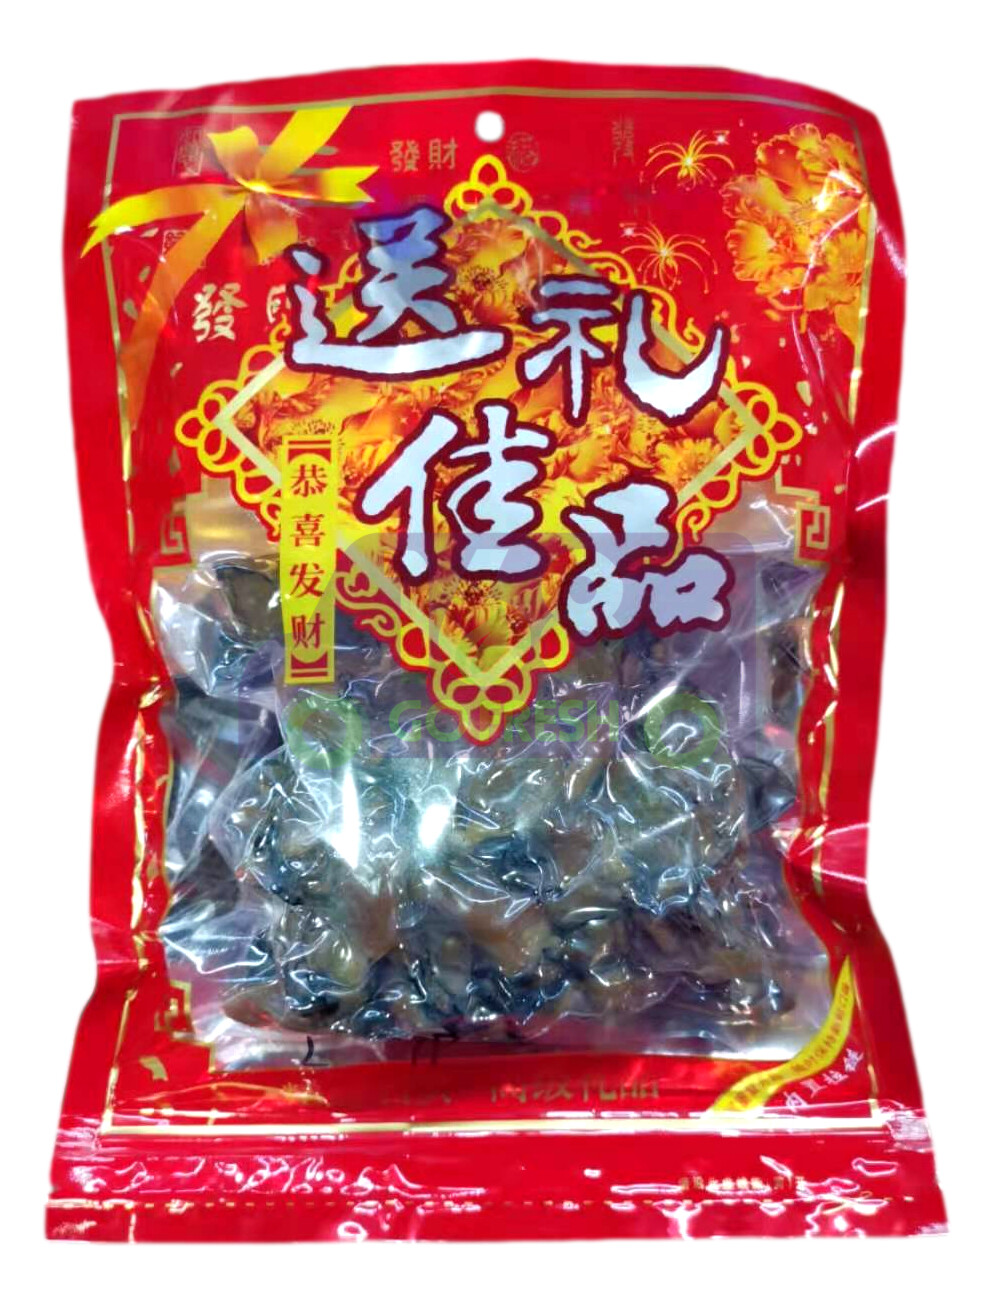 Dried Premium Oyster (L) 16oz - JAPAN日本优质蚝豉蚝干蠔豉蠔干(大颗)1磅装 - 开封后请尽快放入冷冻